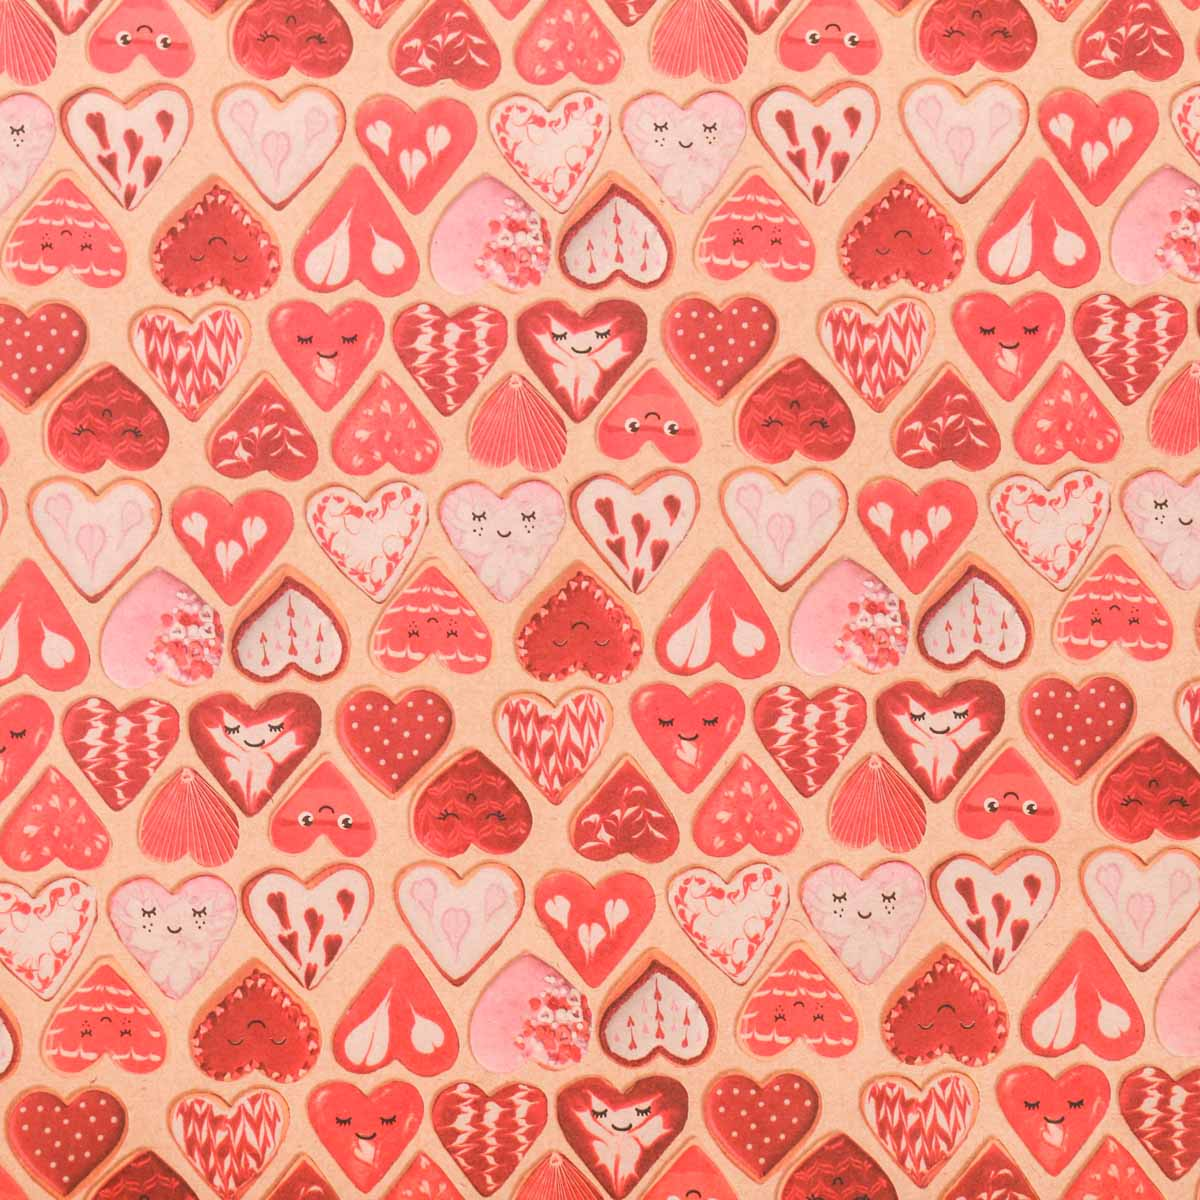 3724577 Бумага упаковочная крафтовая «Печенье любви», 50*70 см